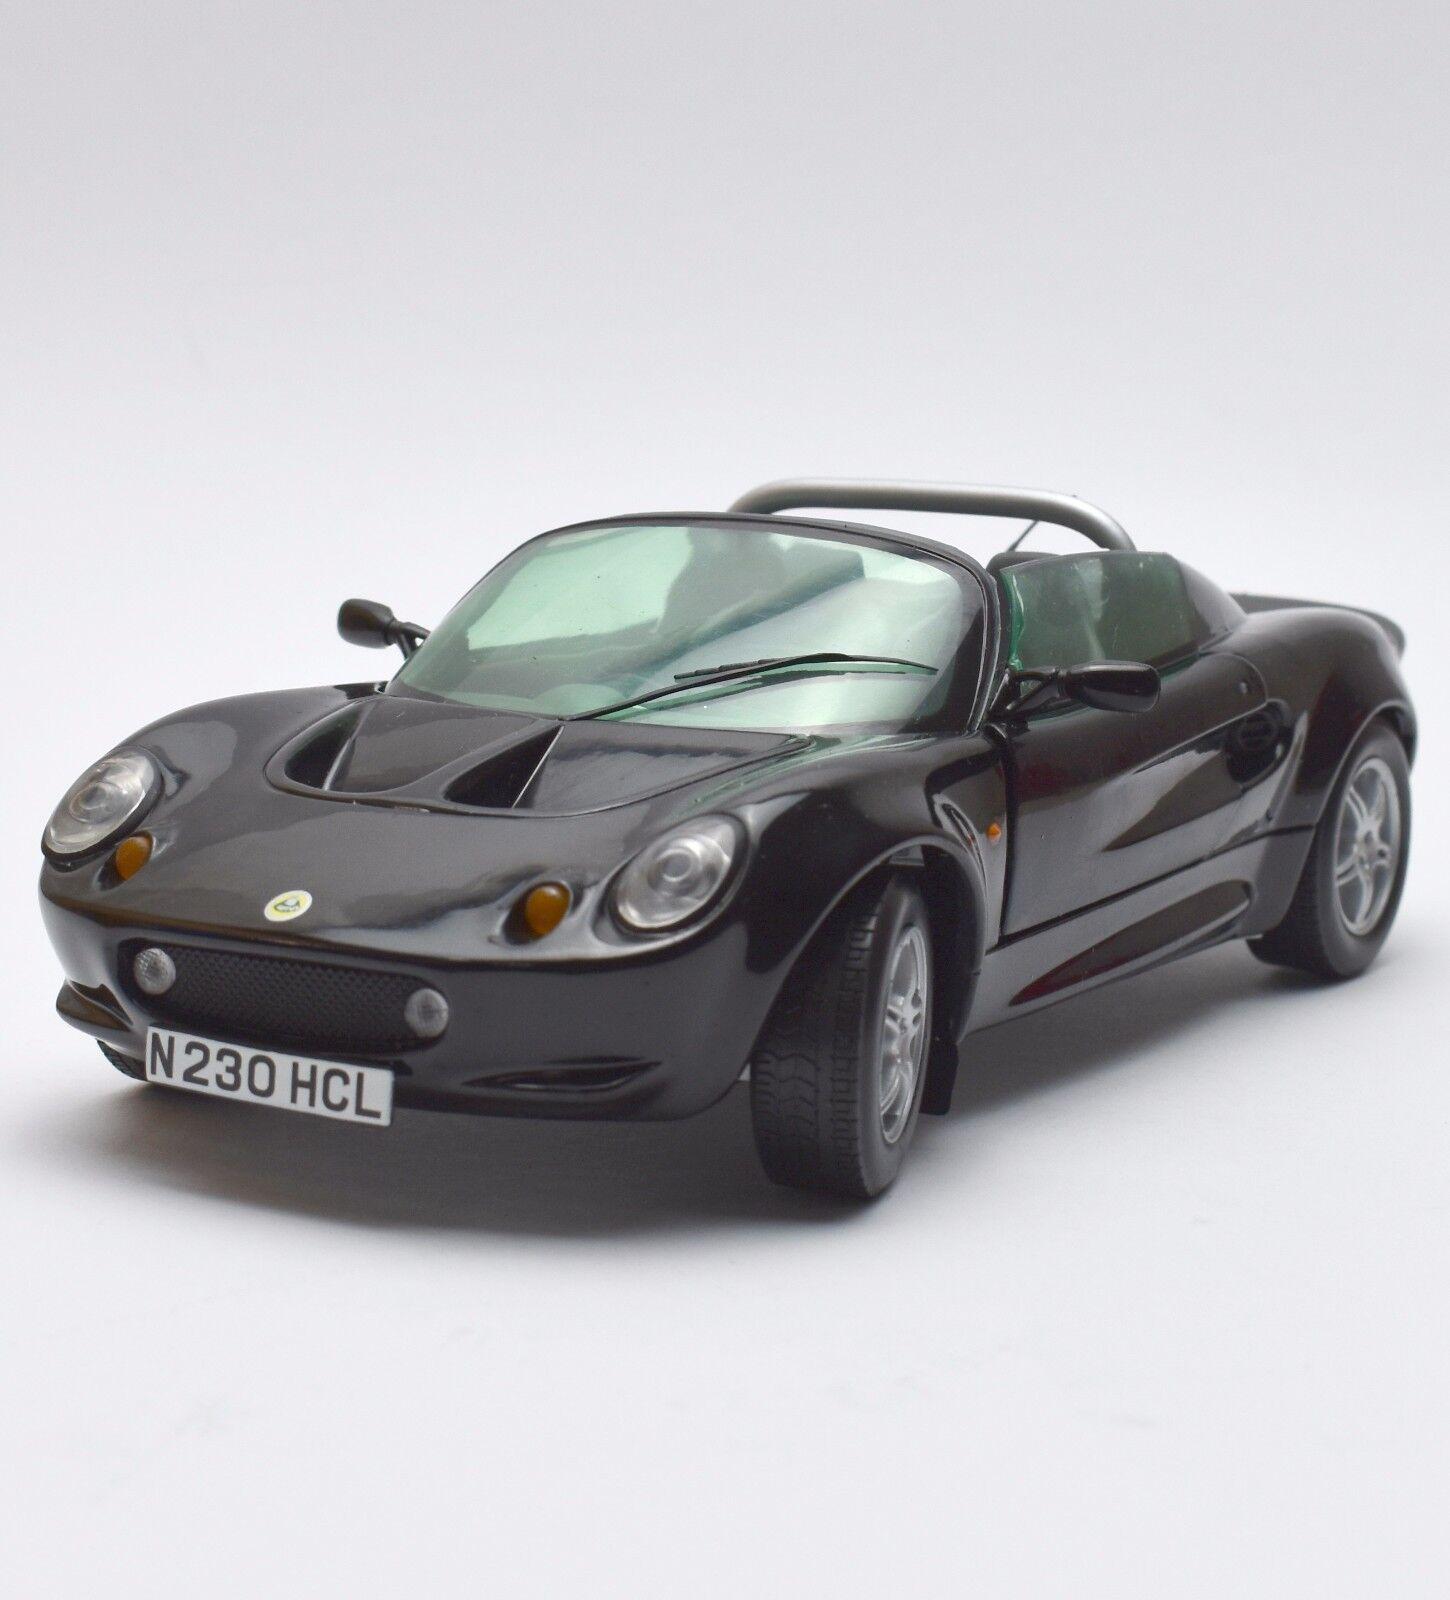 CHRONO H 1022 LOTUS ELISE auto sportive BJ. 1997 NERO LACCATO, OVP, 1 18, k025